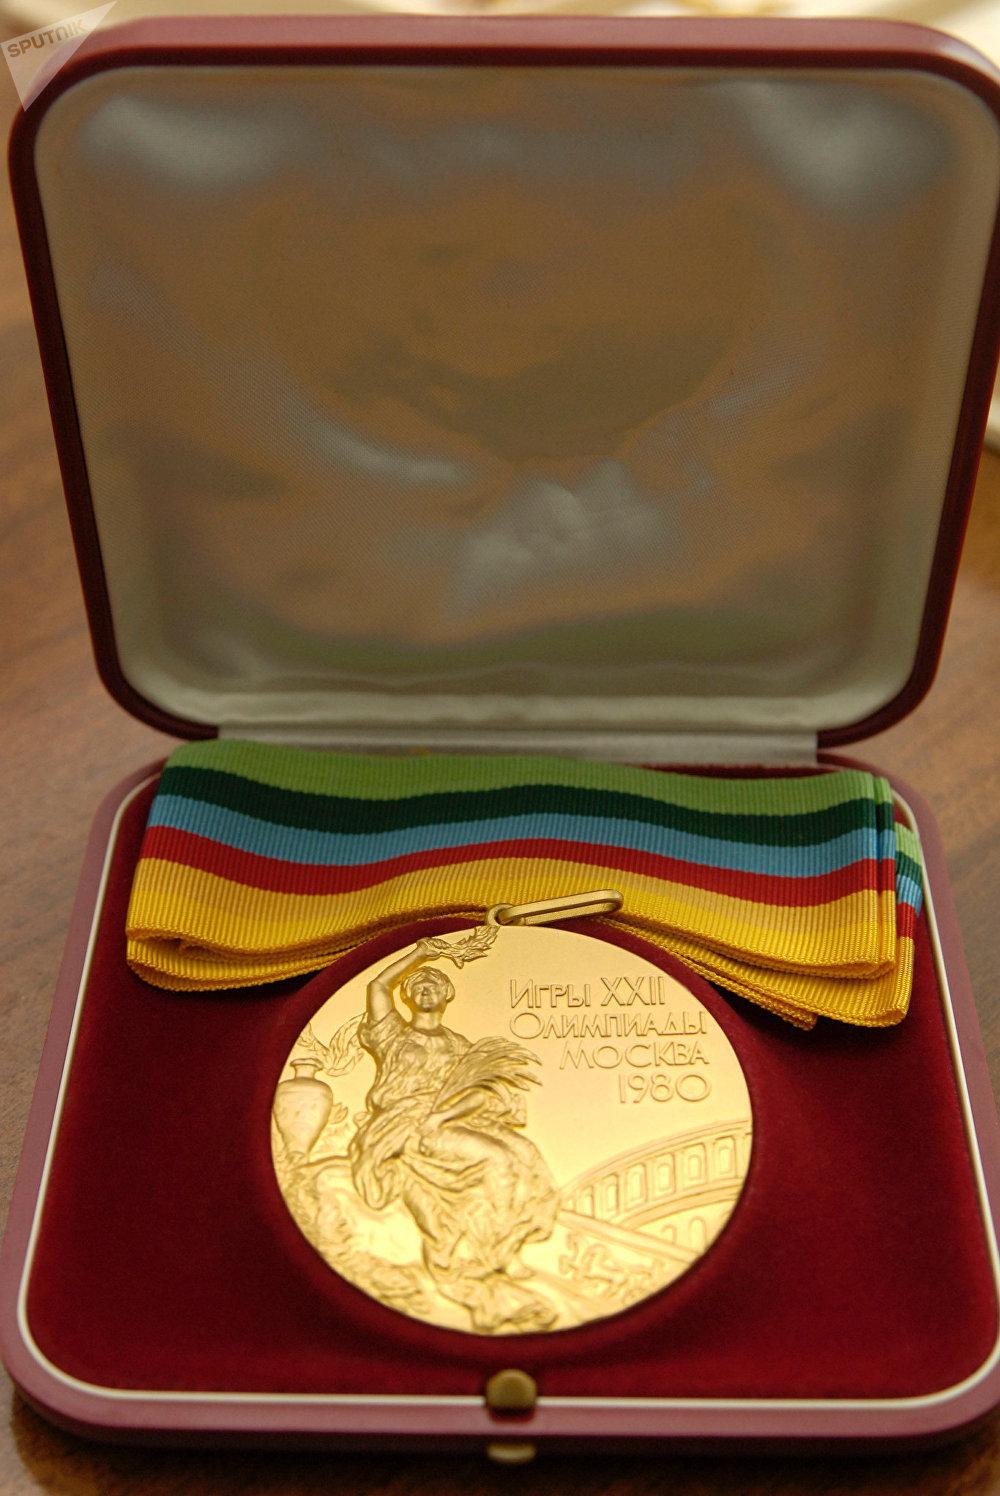 Une médaille d'or des JO de Moscou en 1980